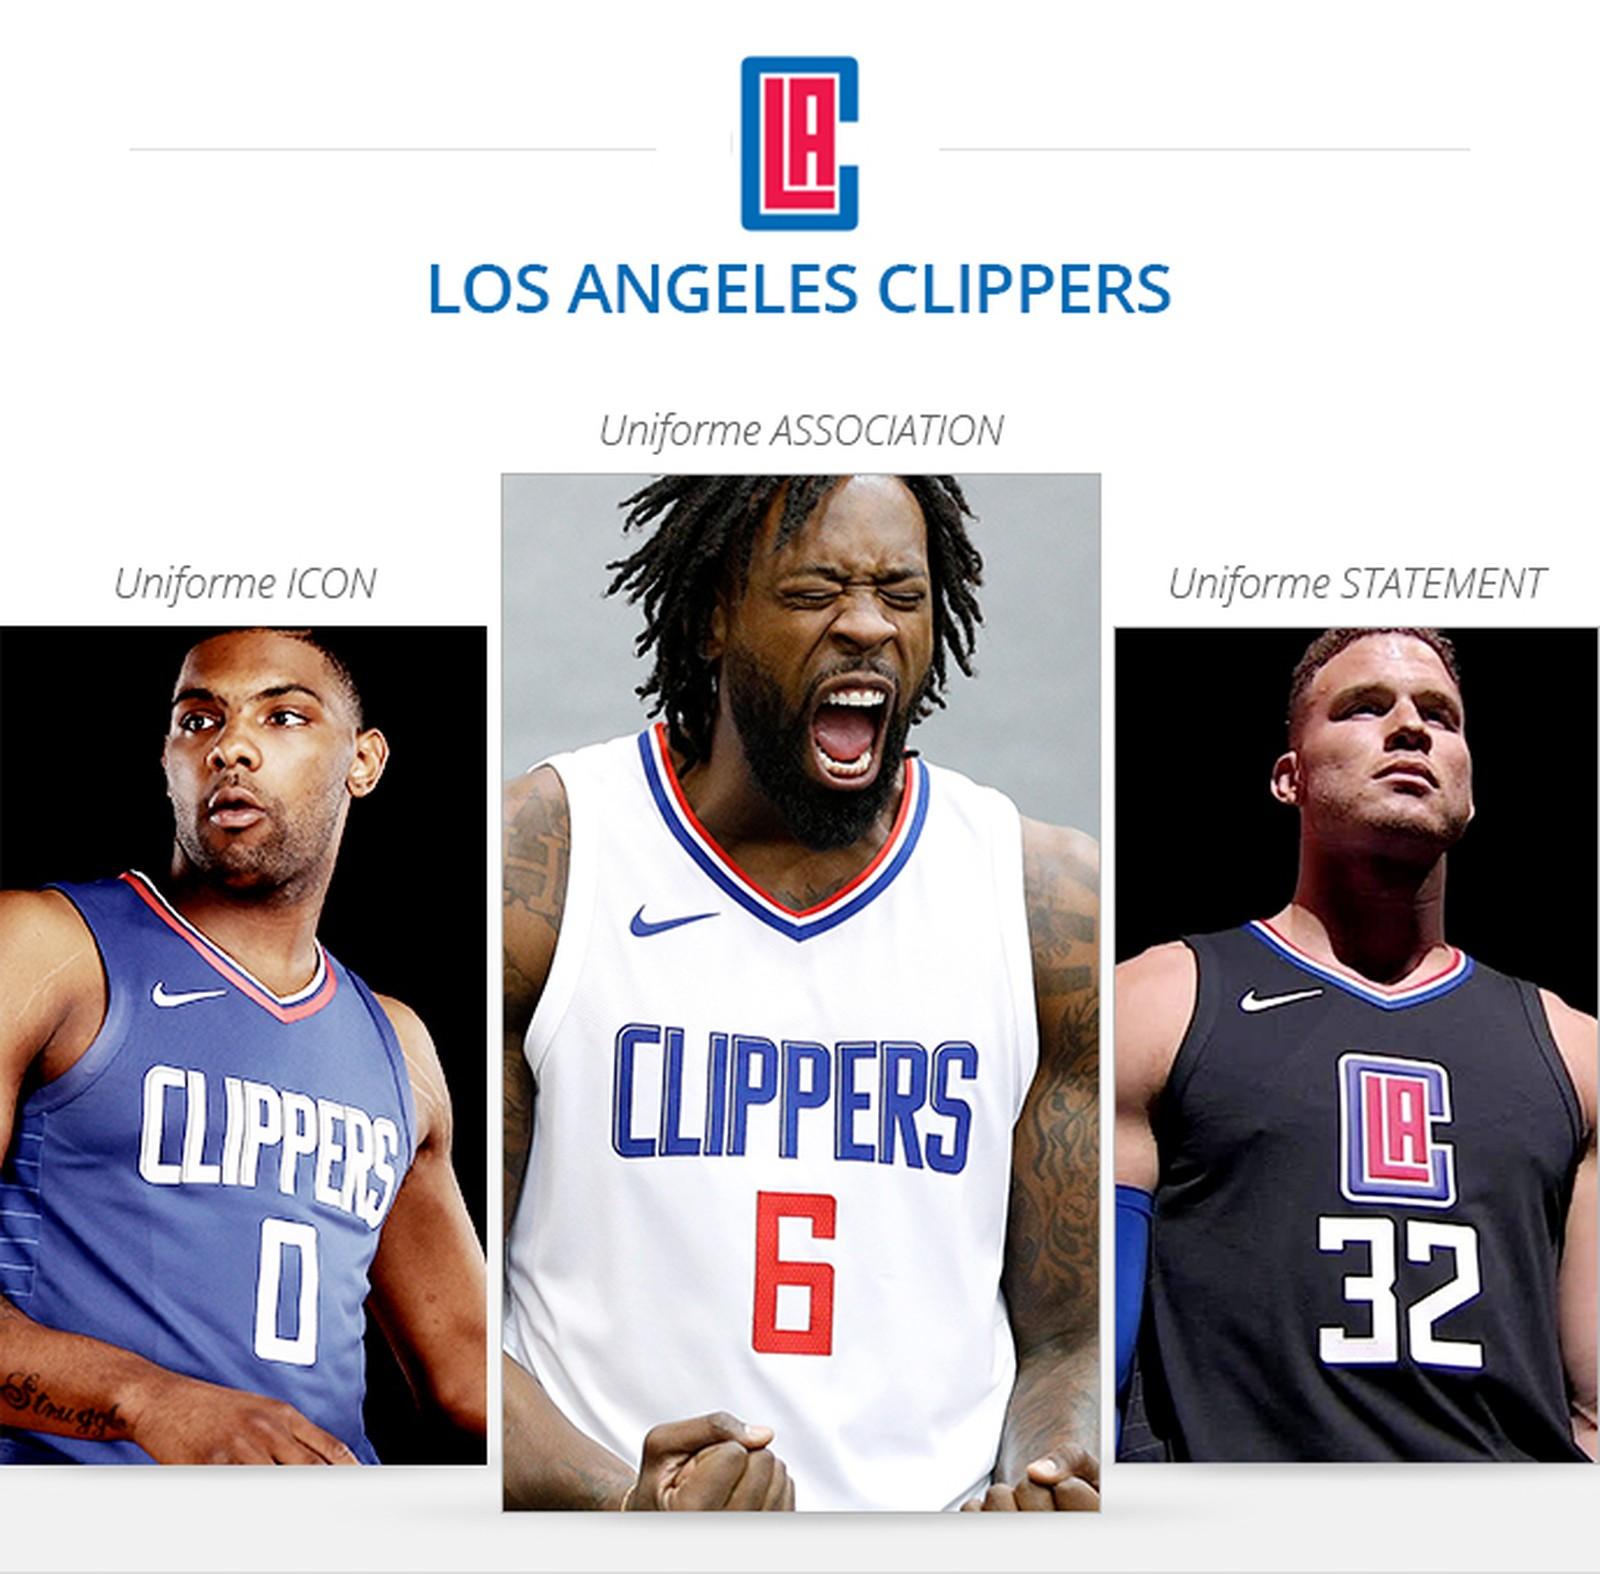 Uniformes Los Angeles Clippers saison 2017/18